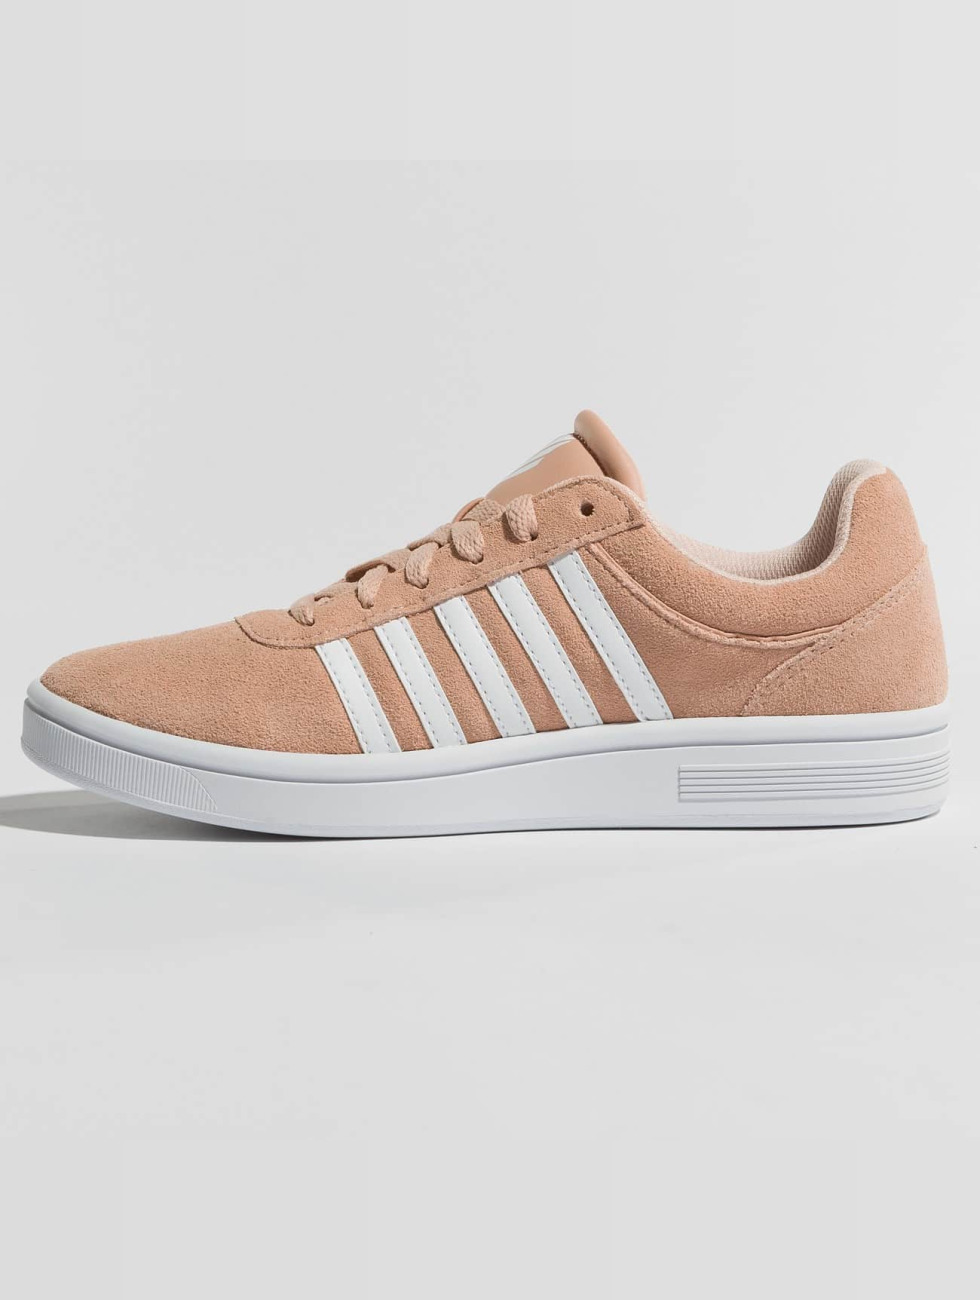 Goedkope Koop Beste Winkel Te Krijgen Korting Bezoek Nieuw K-Swiss schoen / sneaker Court Cheswick SDE in rose 422822 Supply Te Koop sxHJkjj7c9